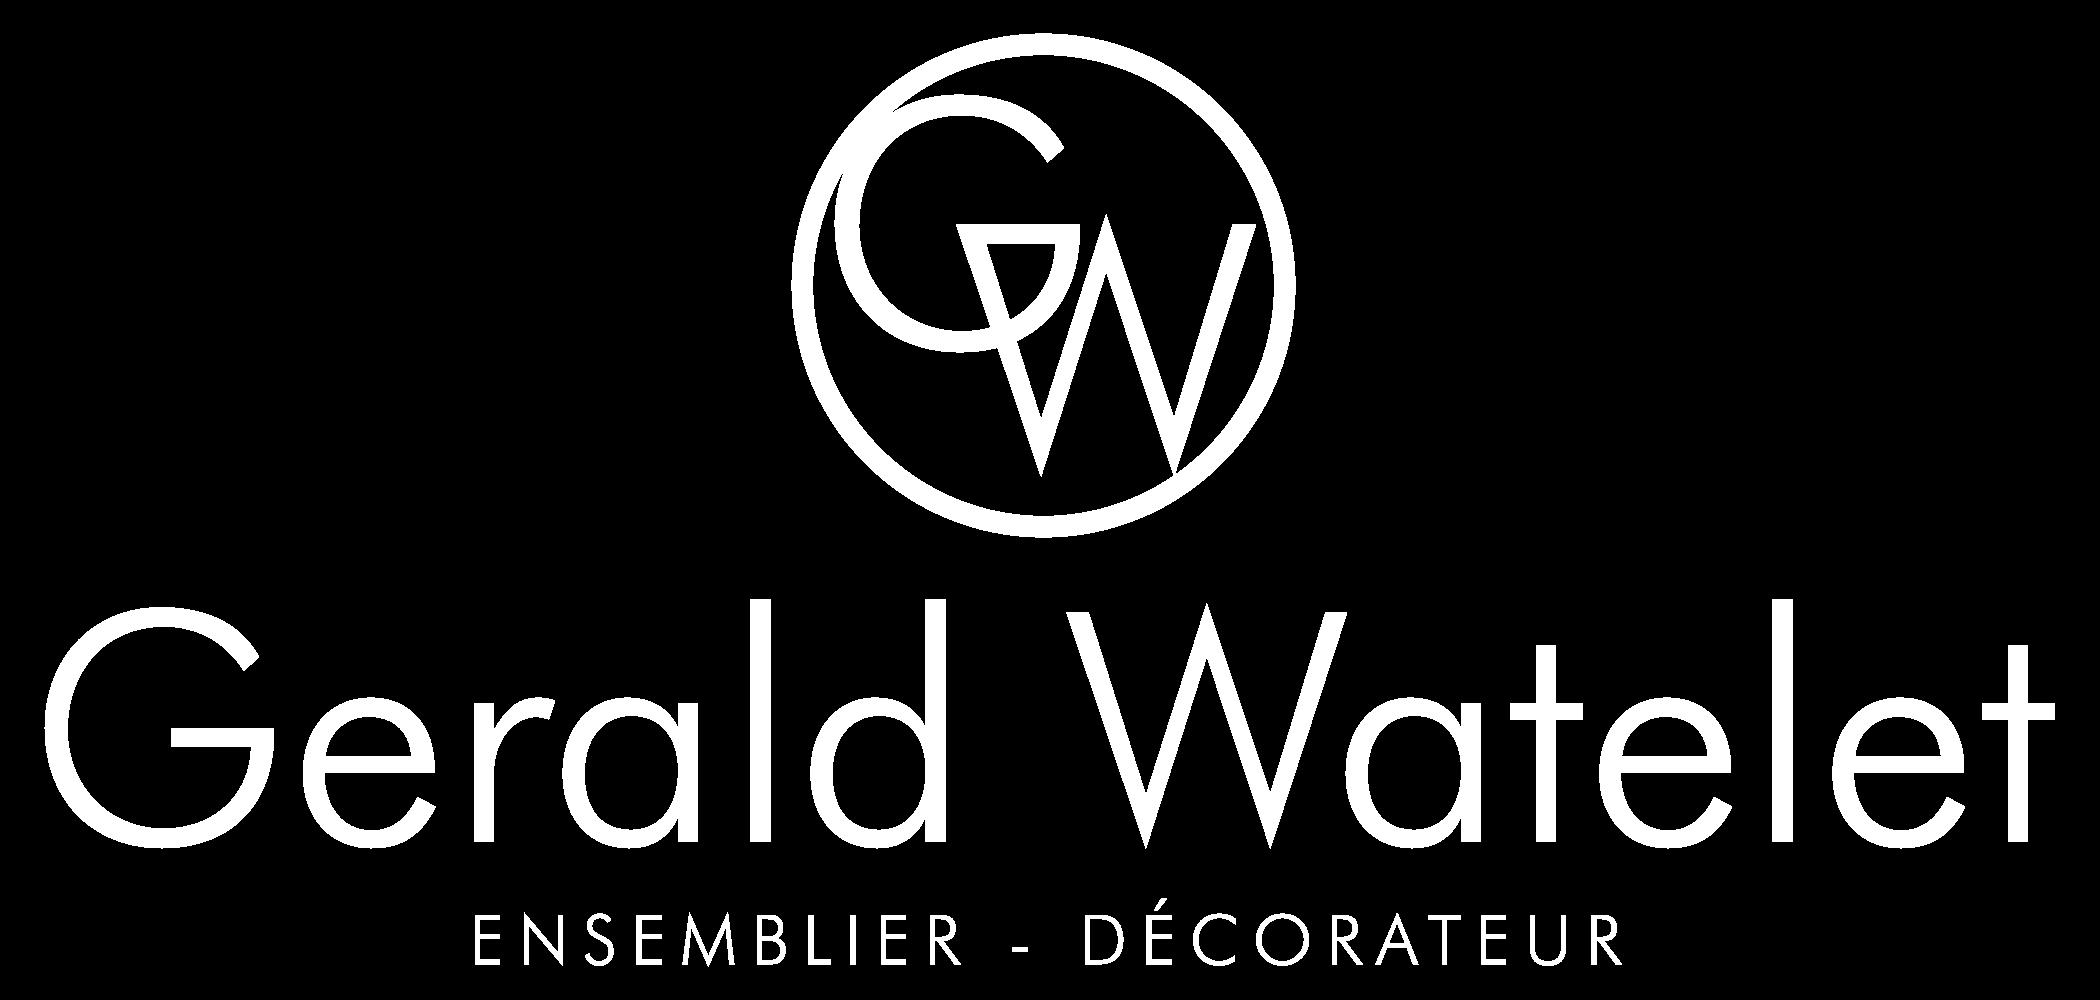 Gerald Watelet